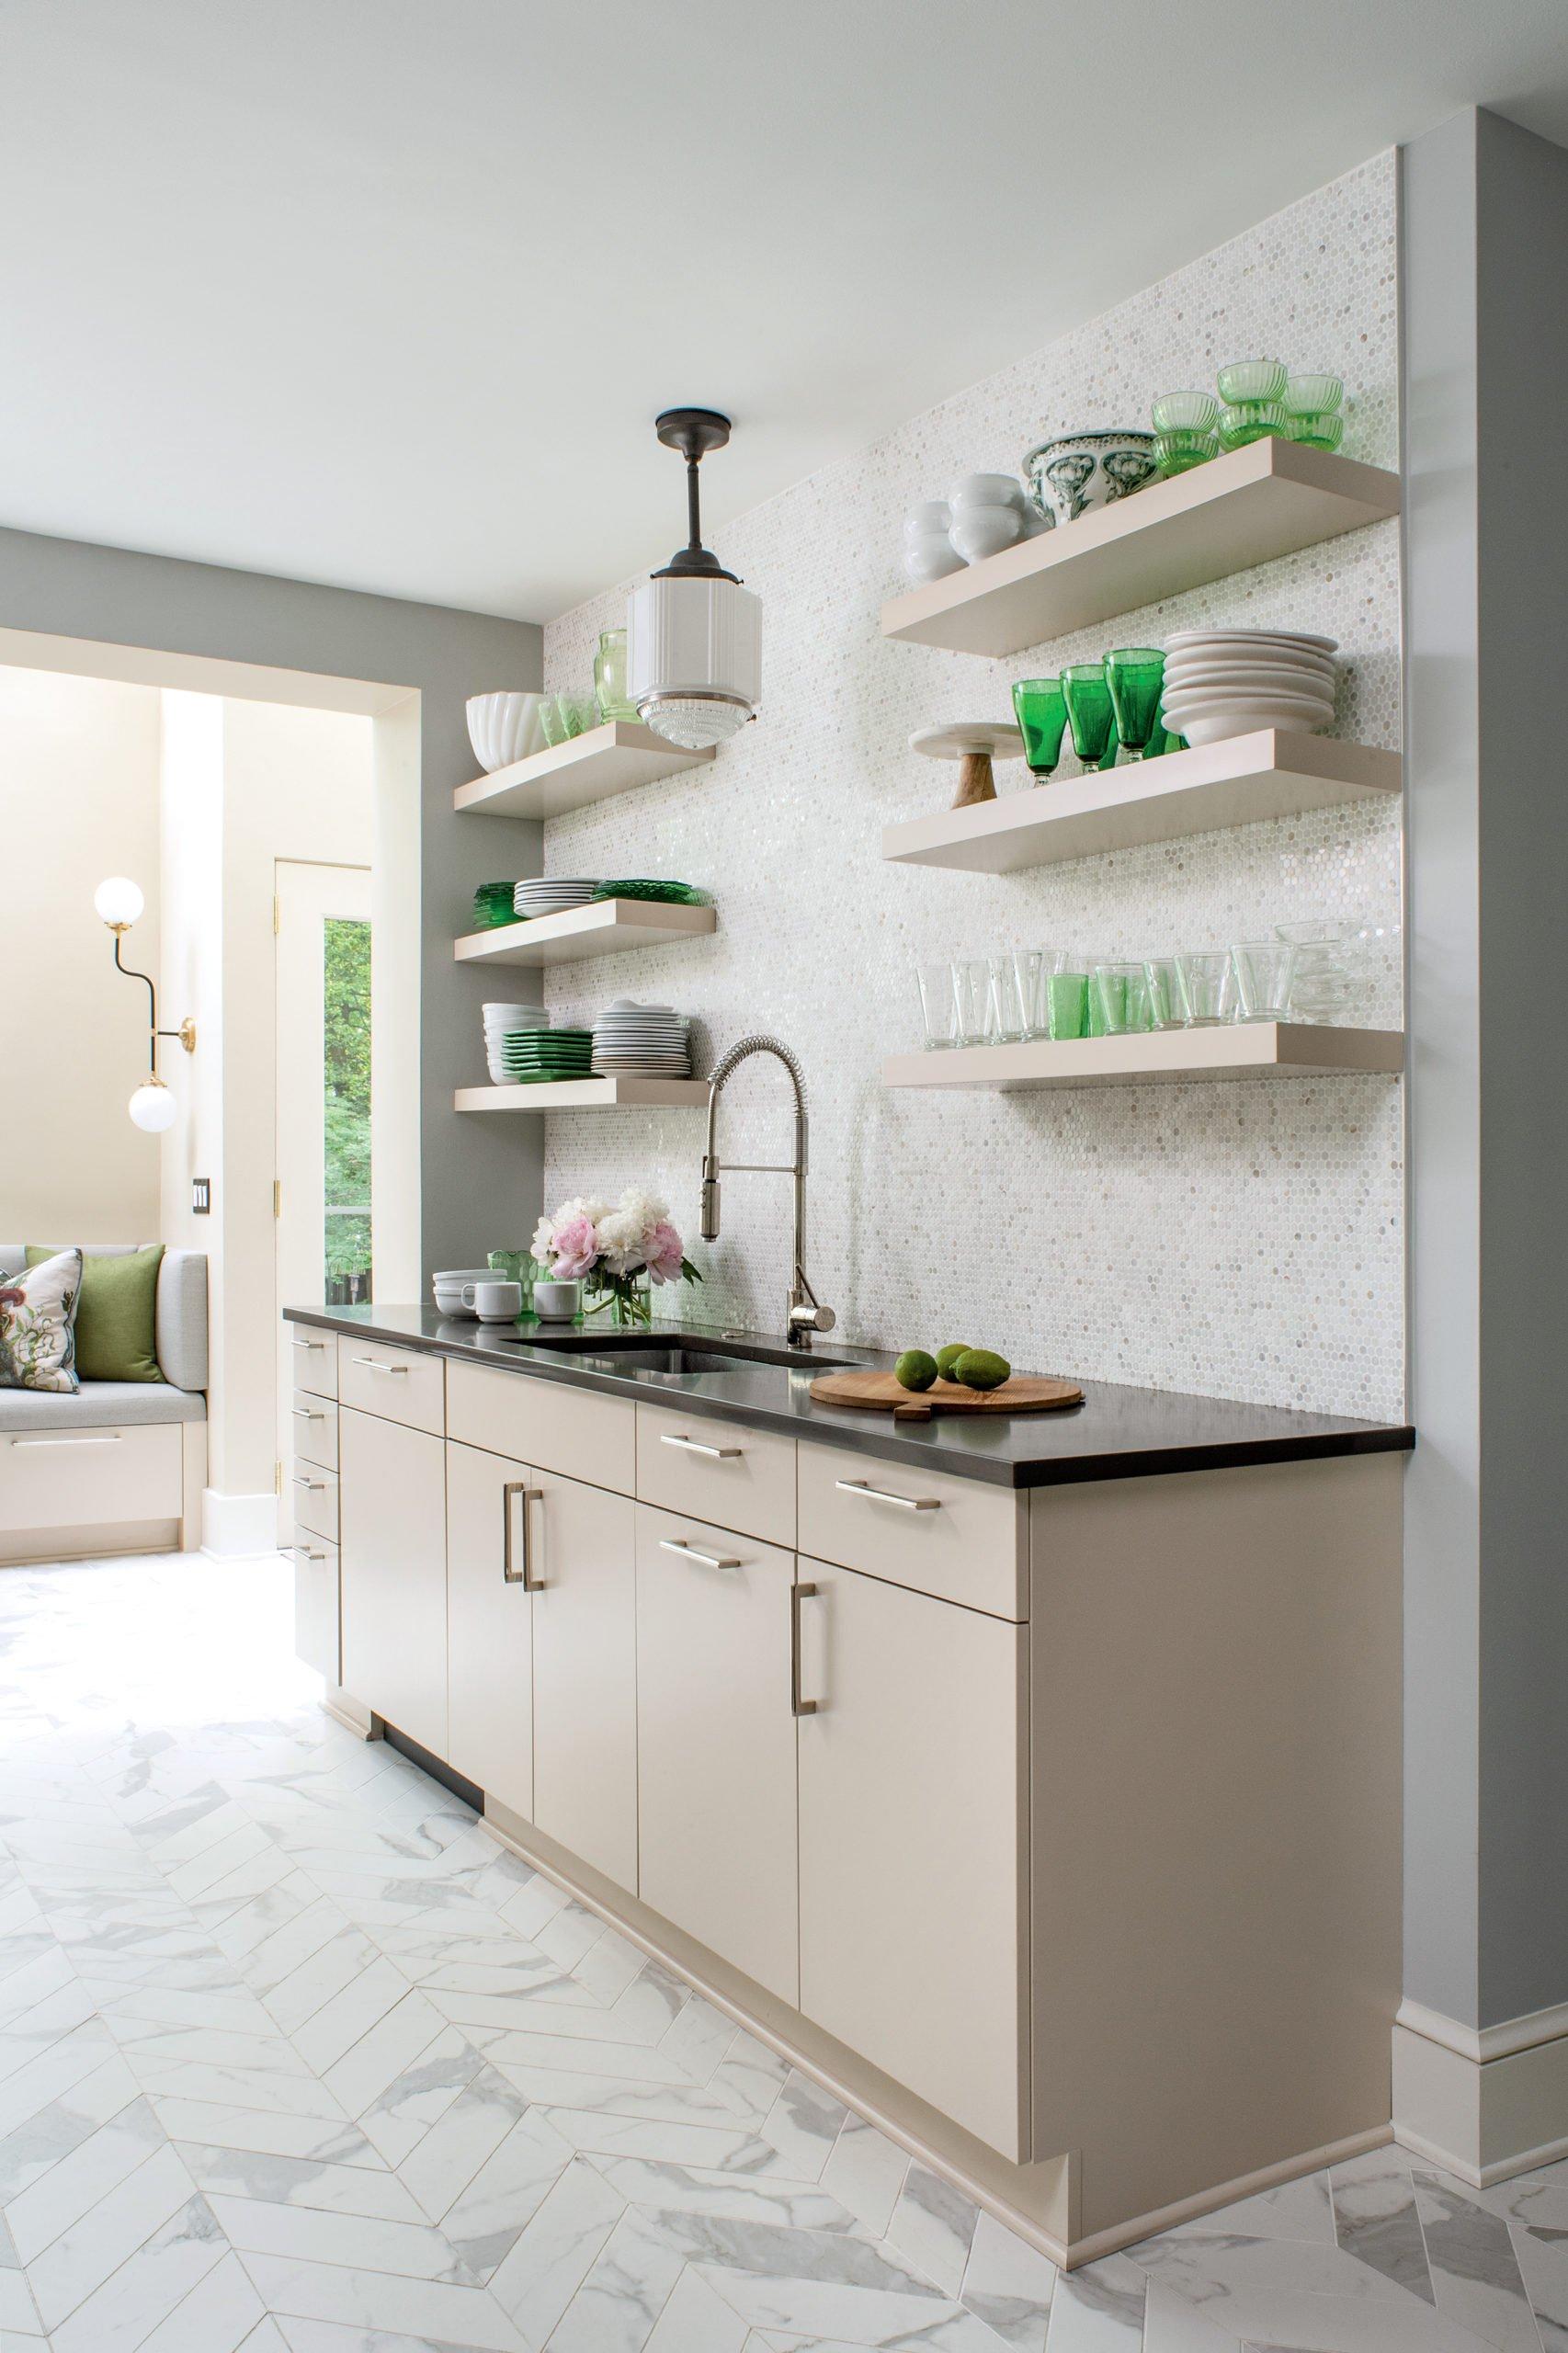 No Detail Was Spared In This Art Deco Inspired Kitchen Upper Northwest